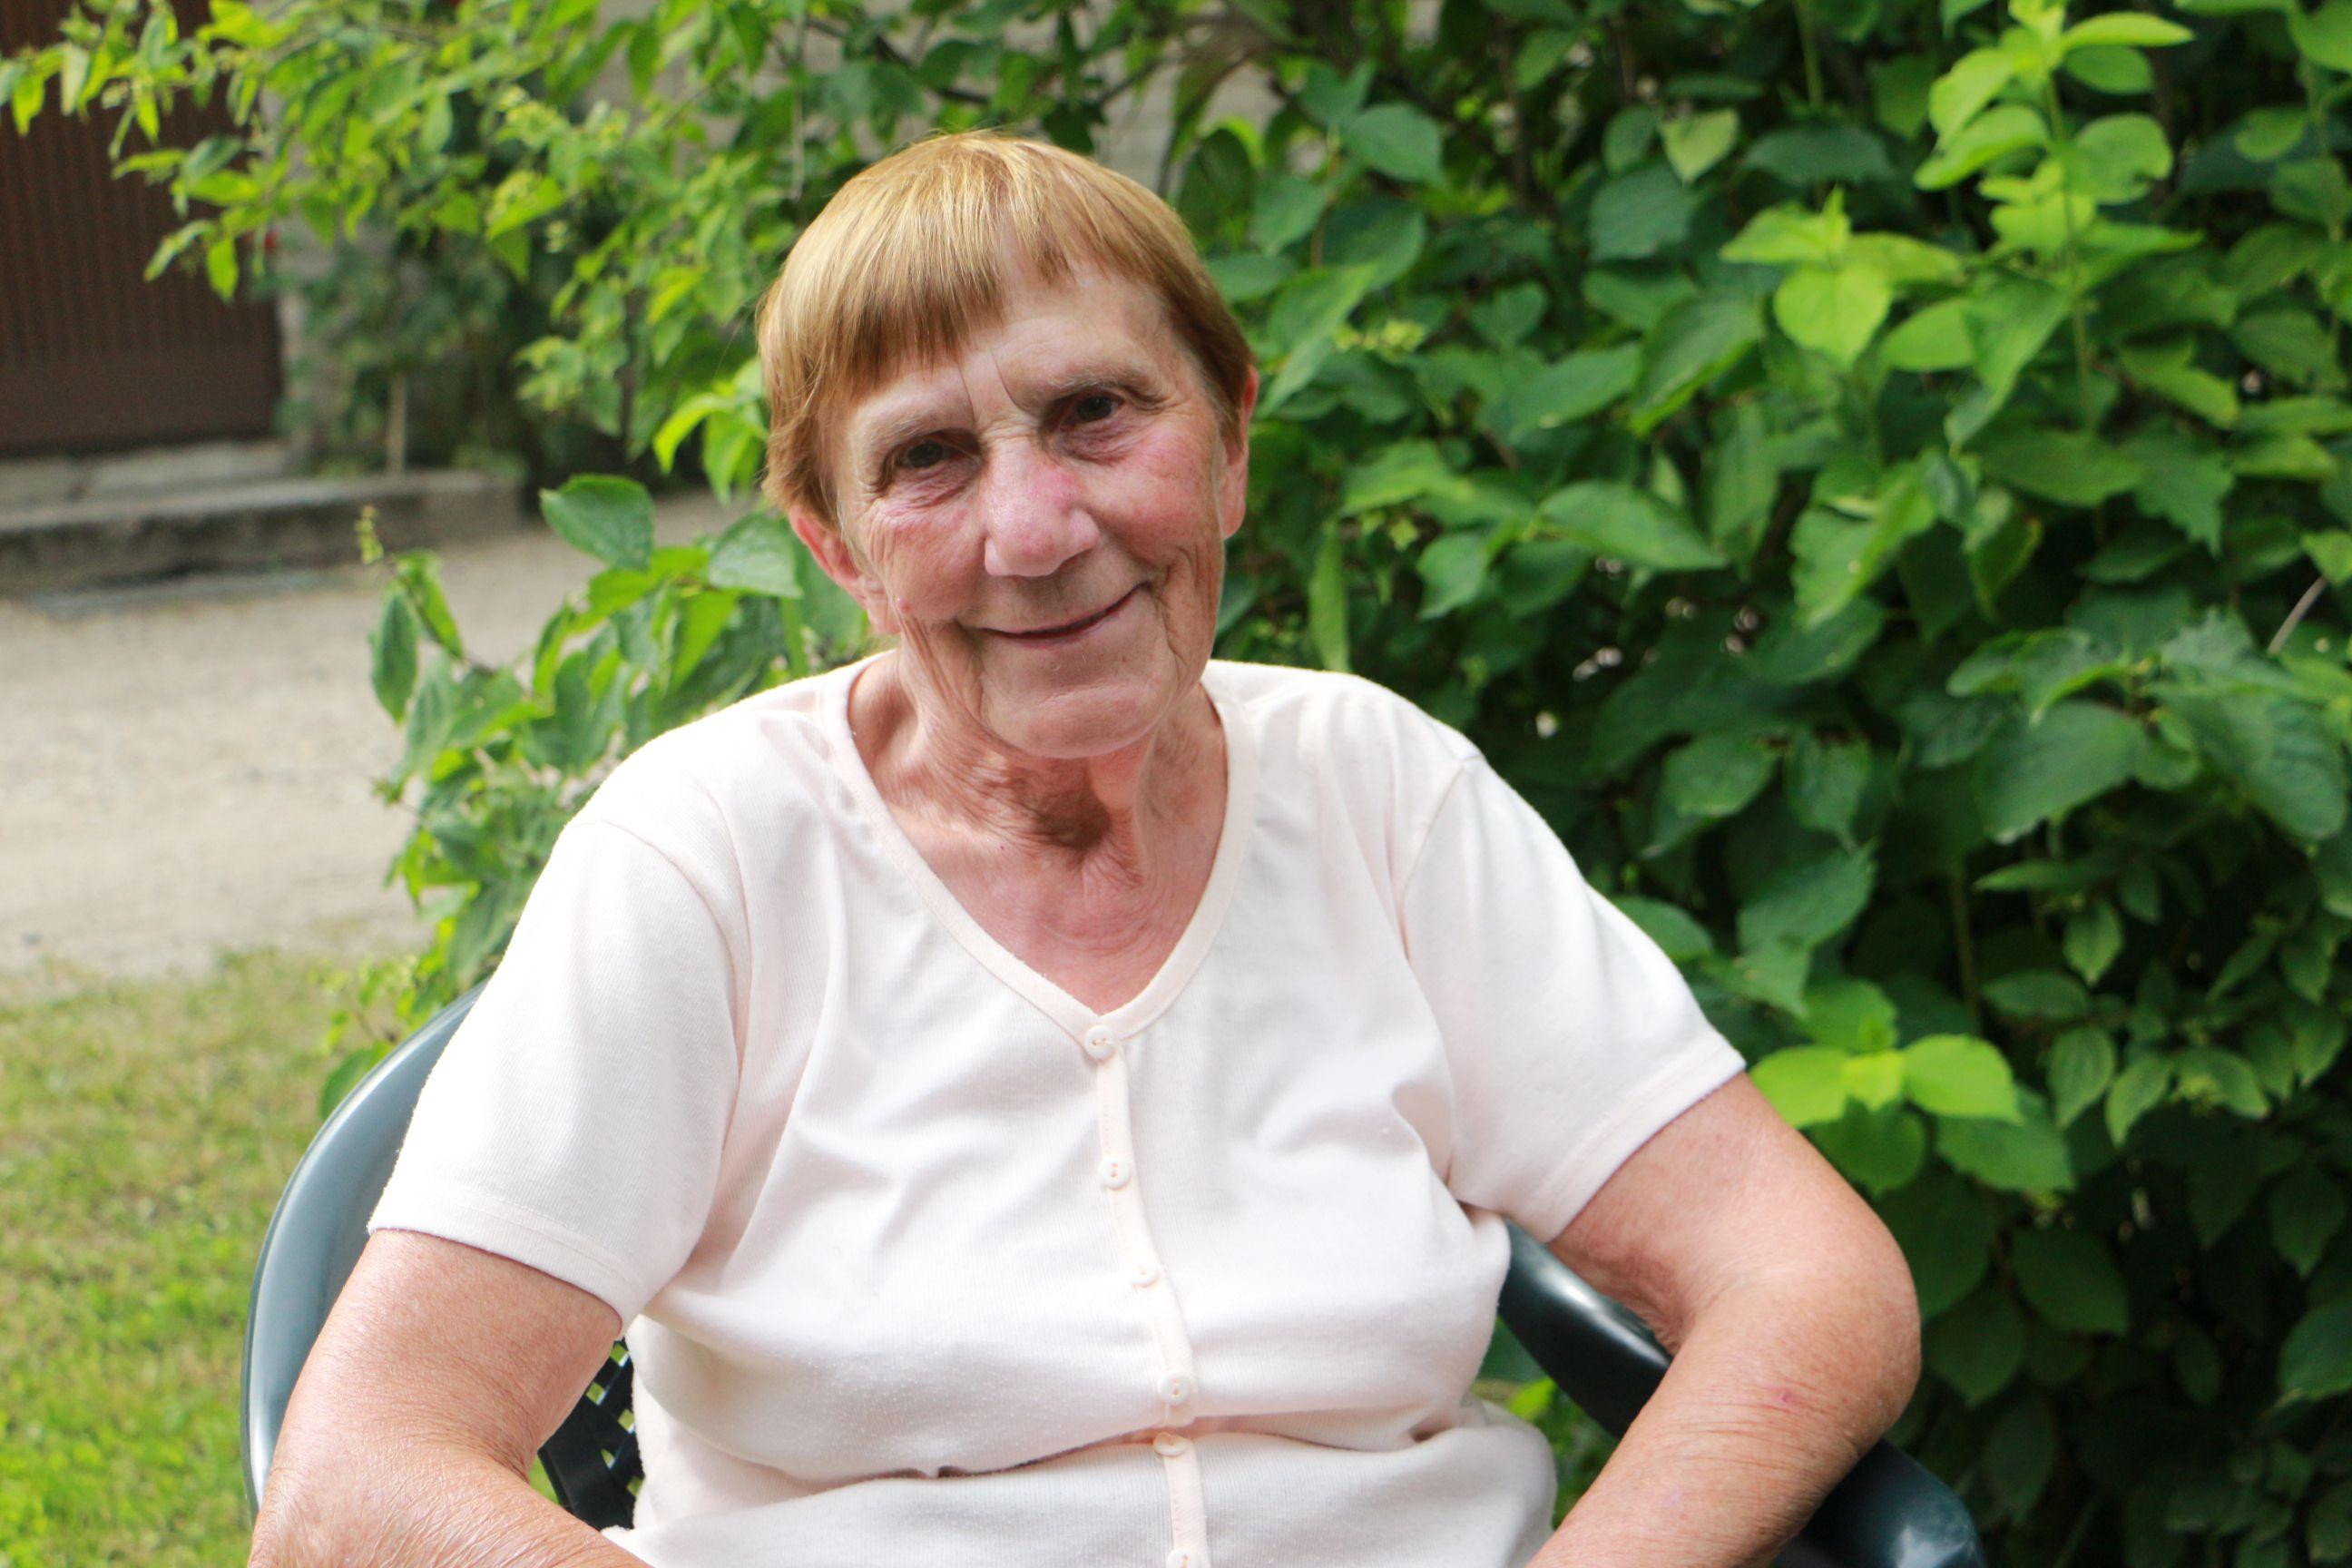 Ilgametė kaimo medicinos punkto felčerė Angelė Barščiauskienė Langakiuose išdirbo 47 metus. D. Borodinaitės nuotr.